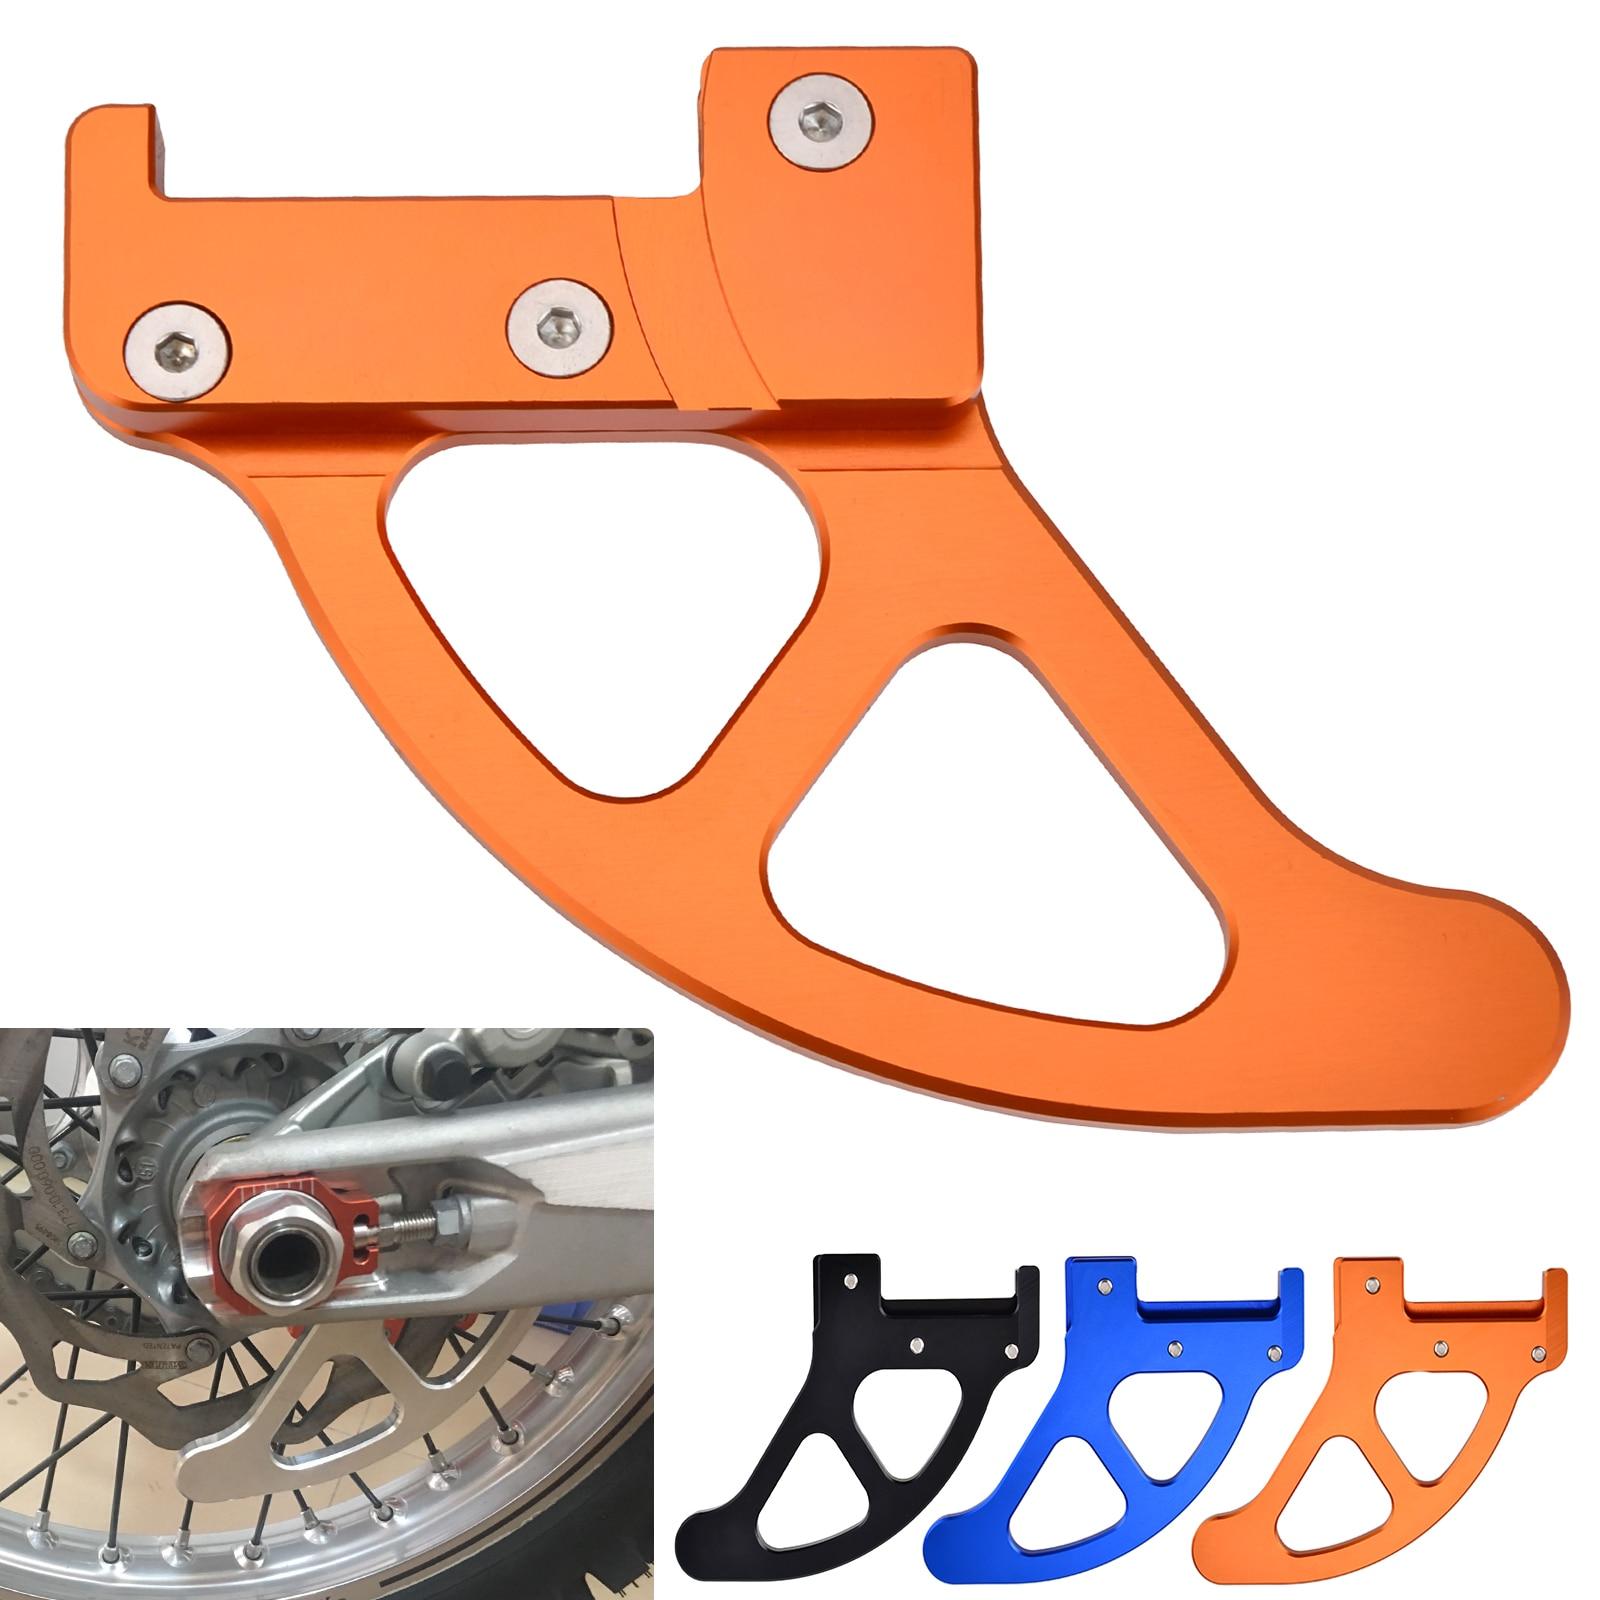 CNC Rear Brake Disc Guard Cover Rear Brake Caliper Guard Kit Fit For Husqvarna FC FC250 FC450 15-17,FC450 Rockstar Edition 18,FC350 TC TX FS FX TC125 16-17,TC250 TX300 FS450 FX350 FX450 2017